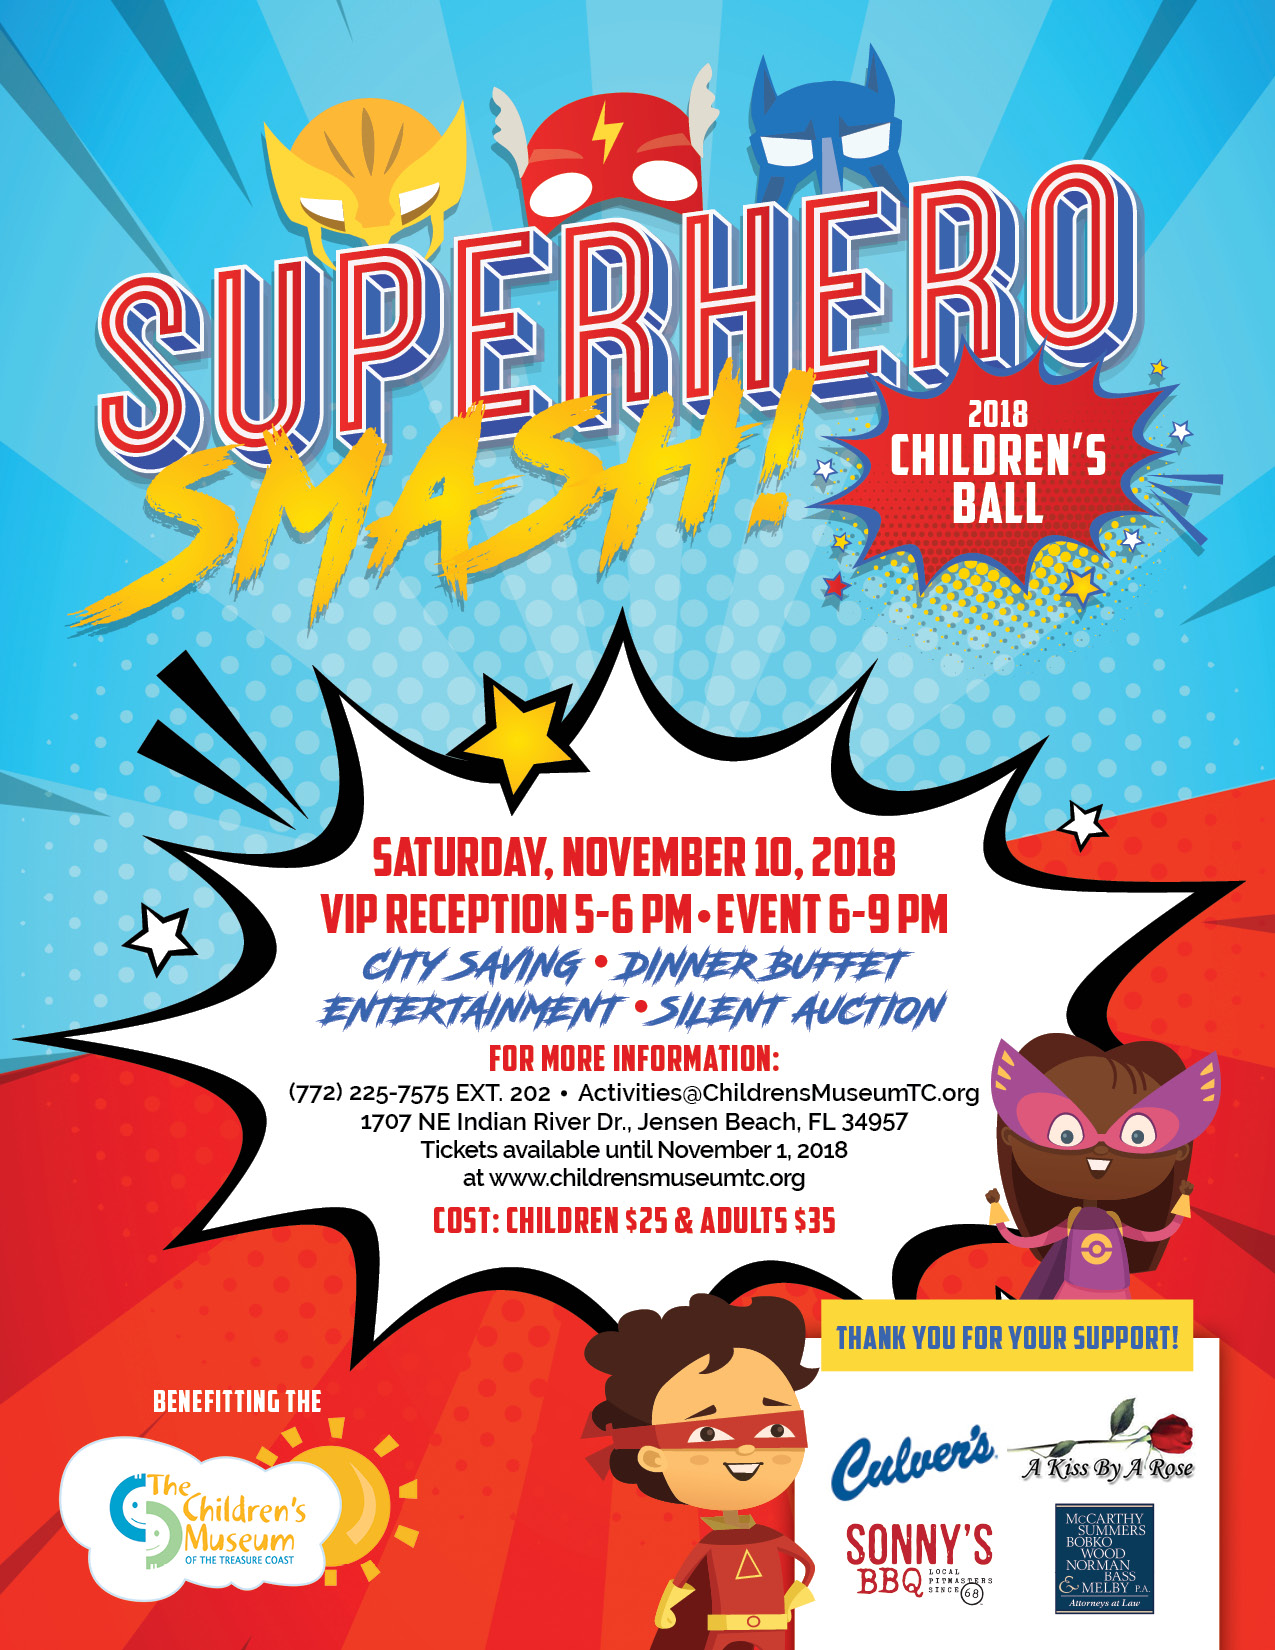 Superhero Smash Full Invite.jpg